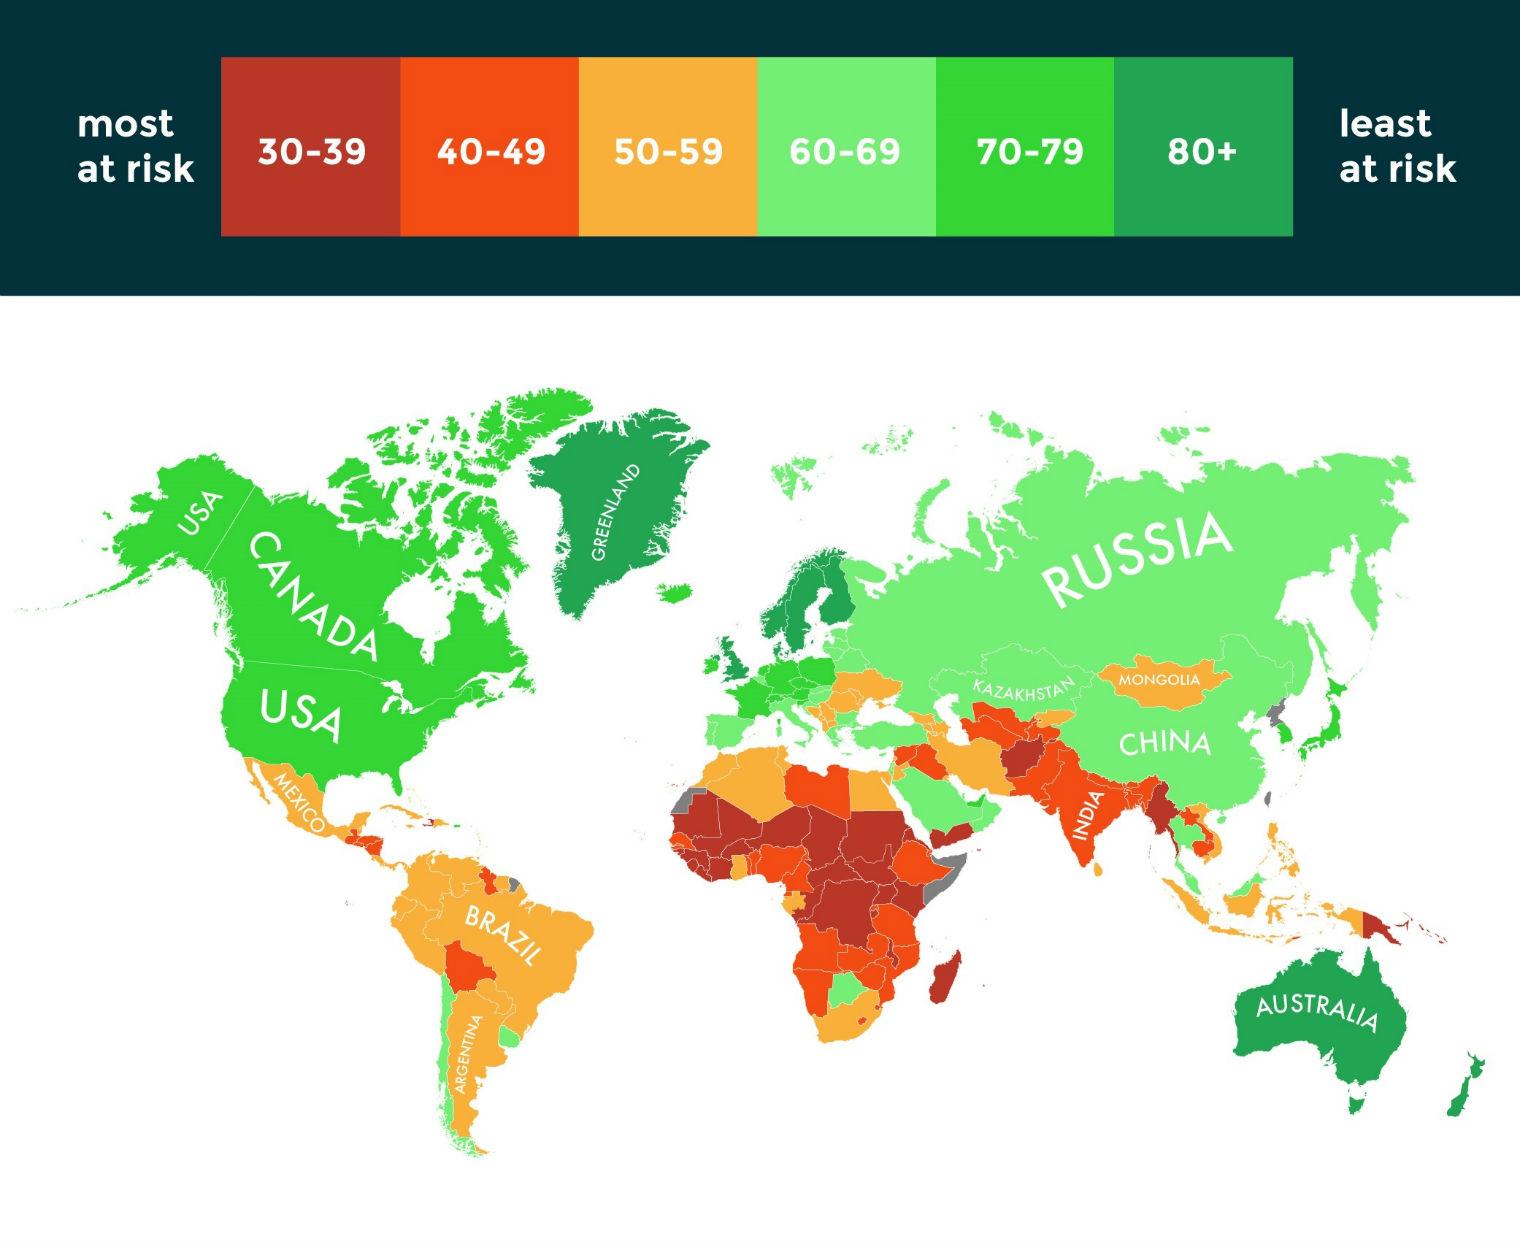 Cartina Clima Mondo.Quali Sono I Paesi Piu In Pericolo A Causa Dei Cambiamenti Climatici